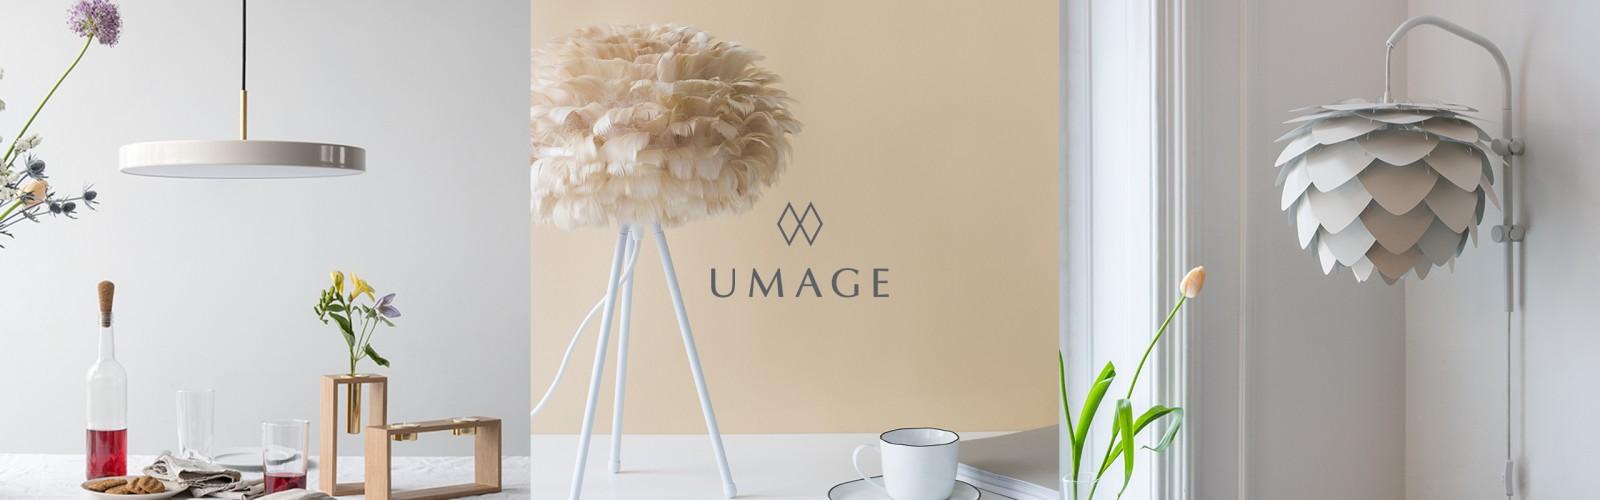 UMAGE_online banner_light